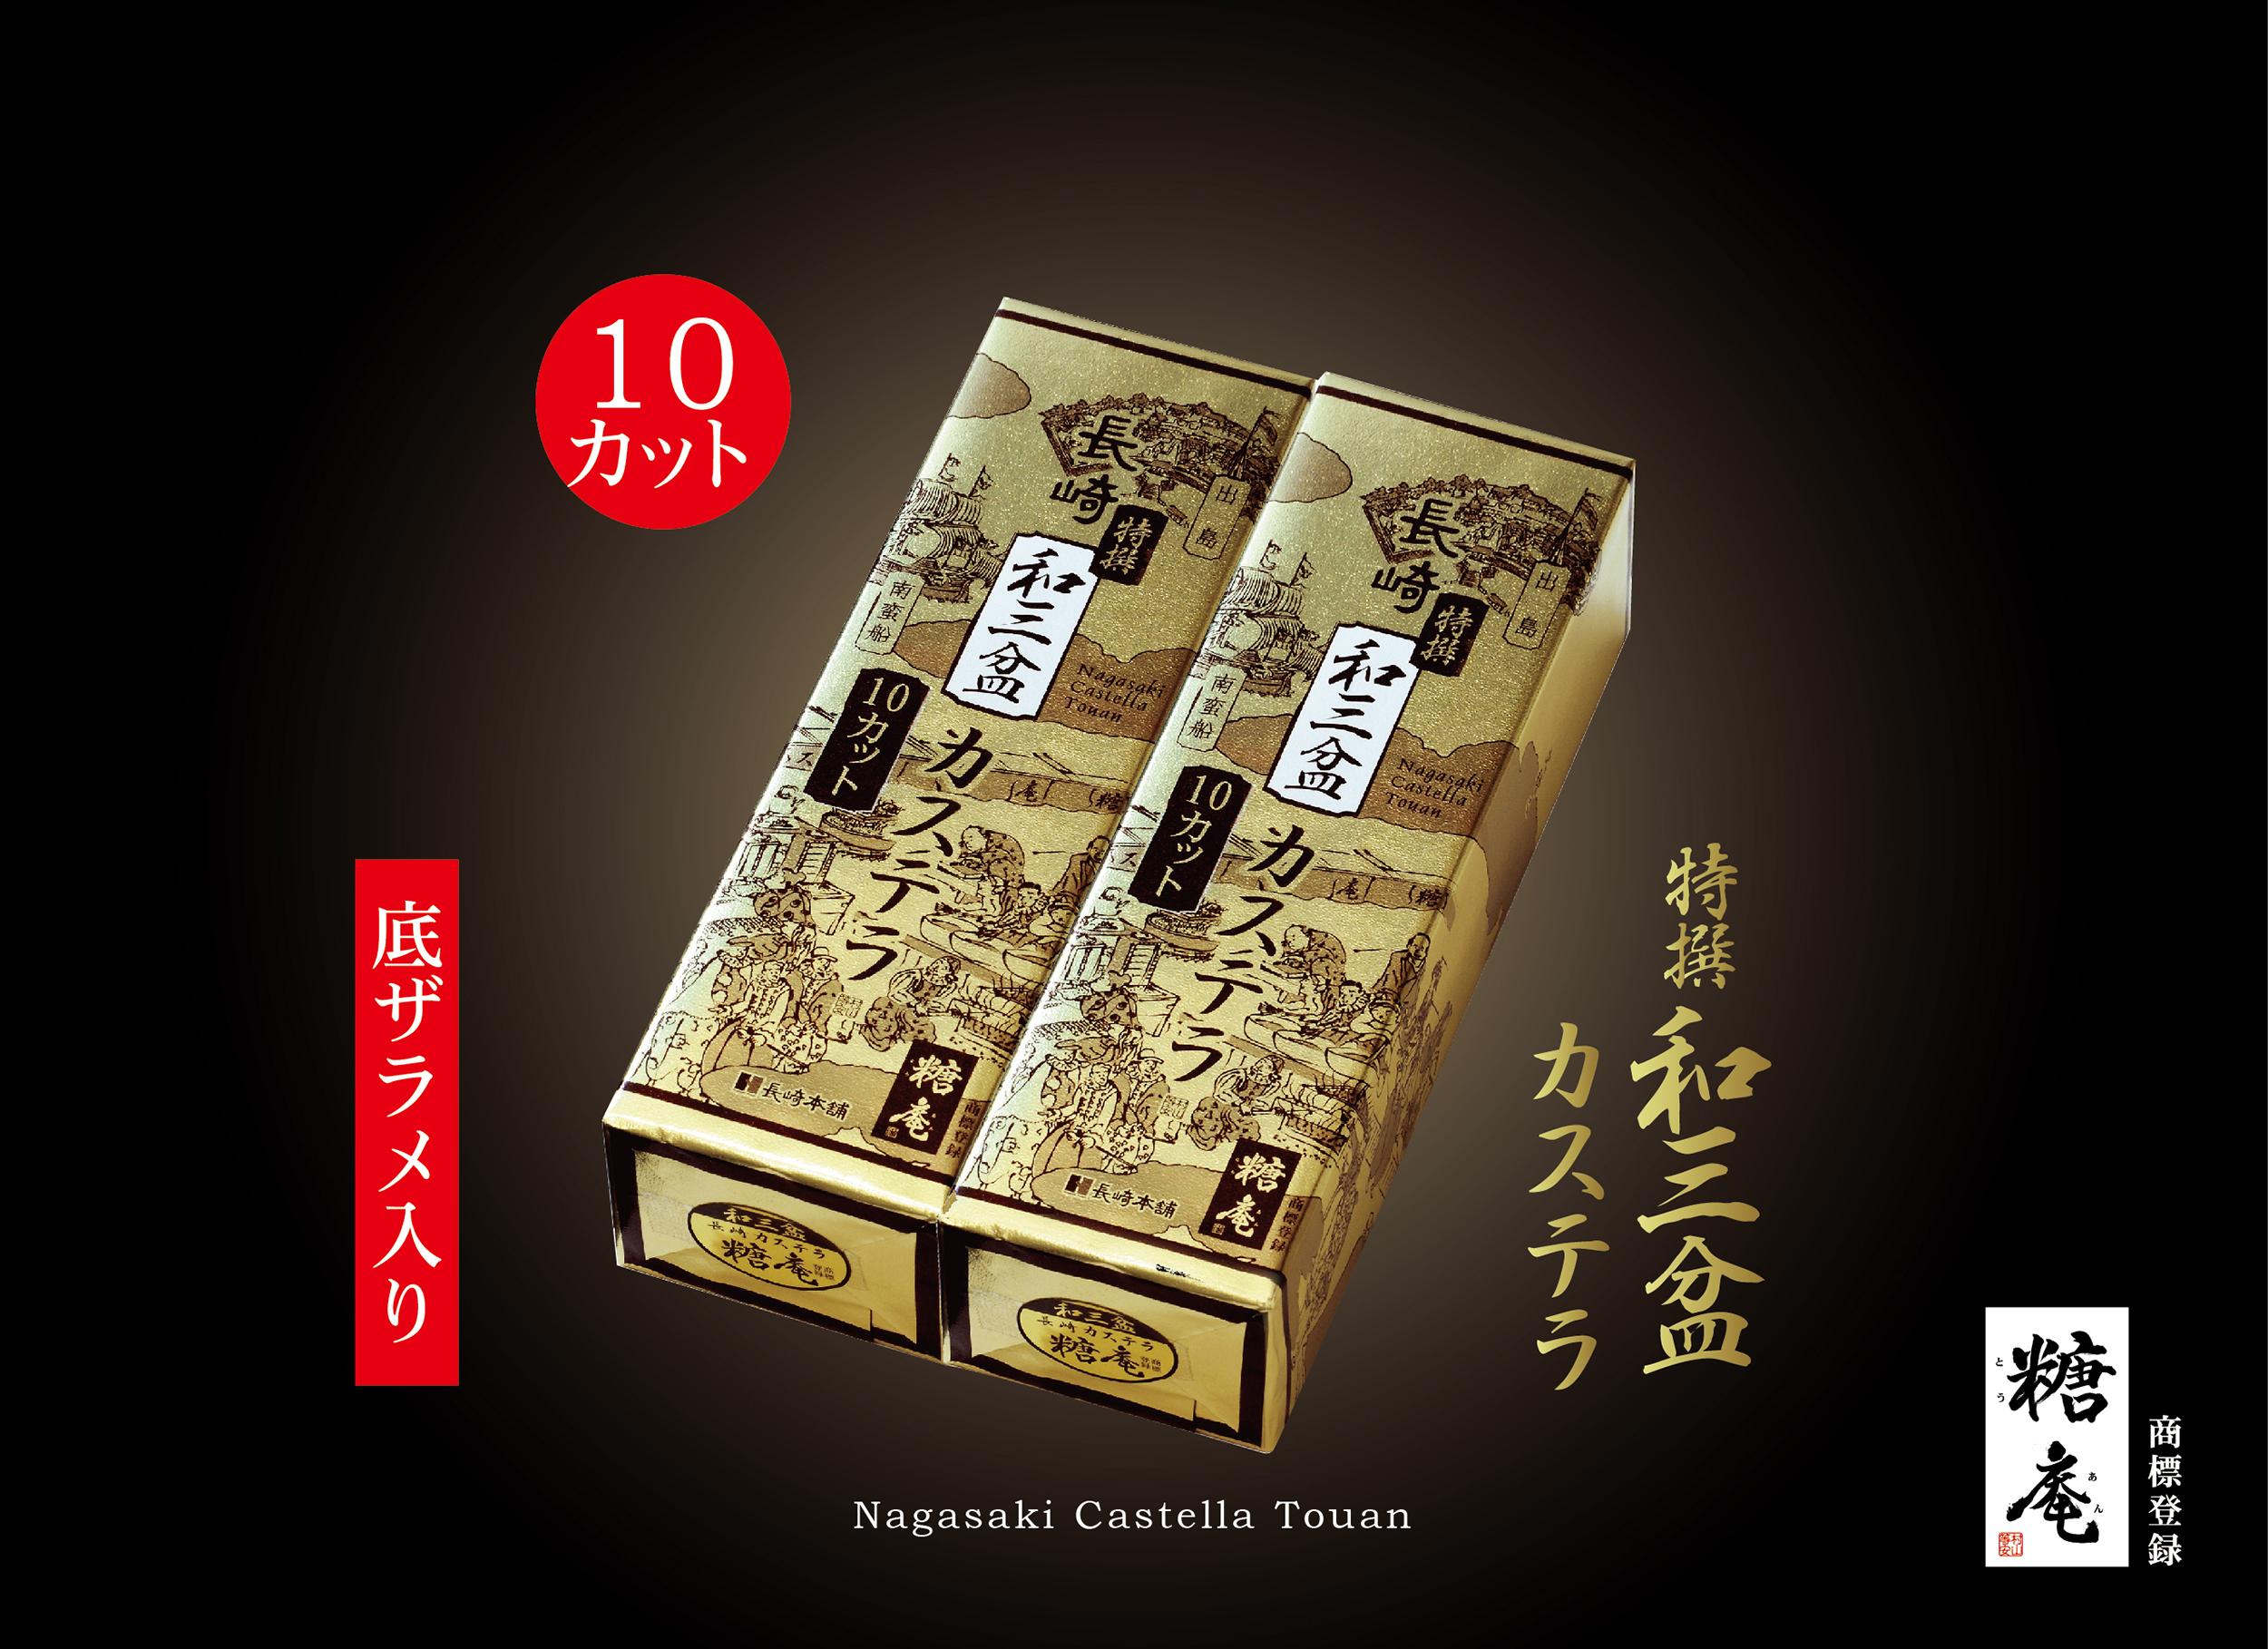 特選和三盆カステラ0.8号セット【2本入り】